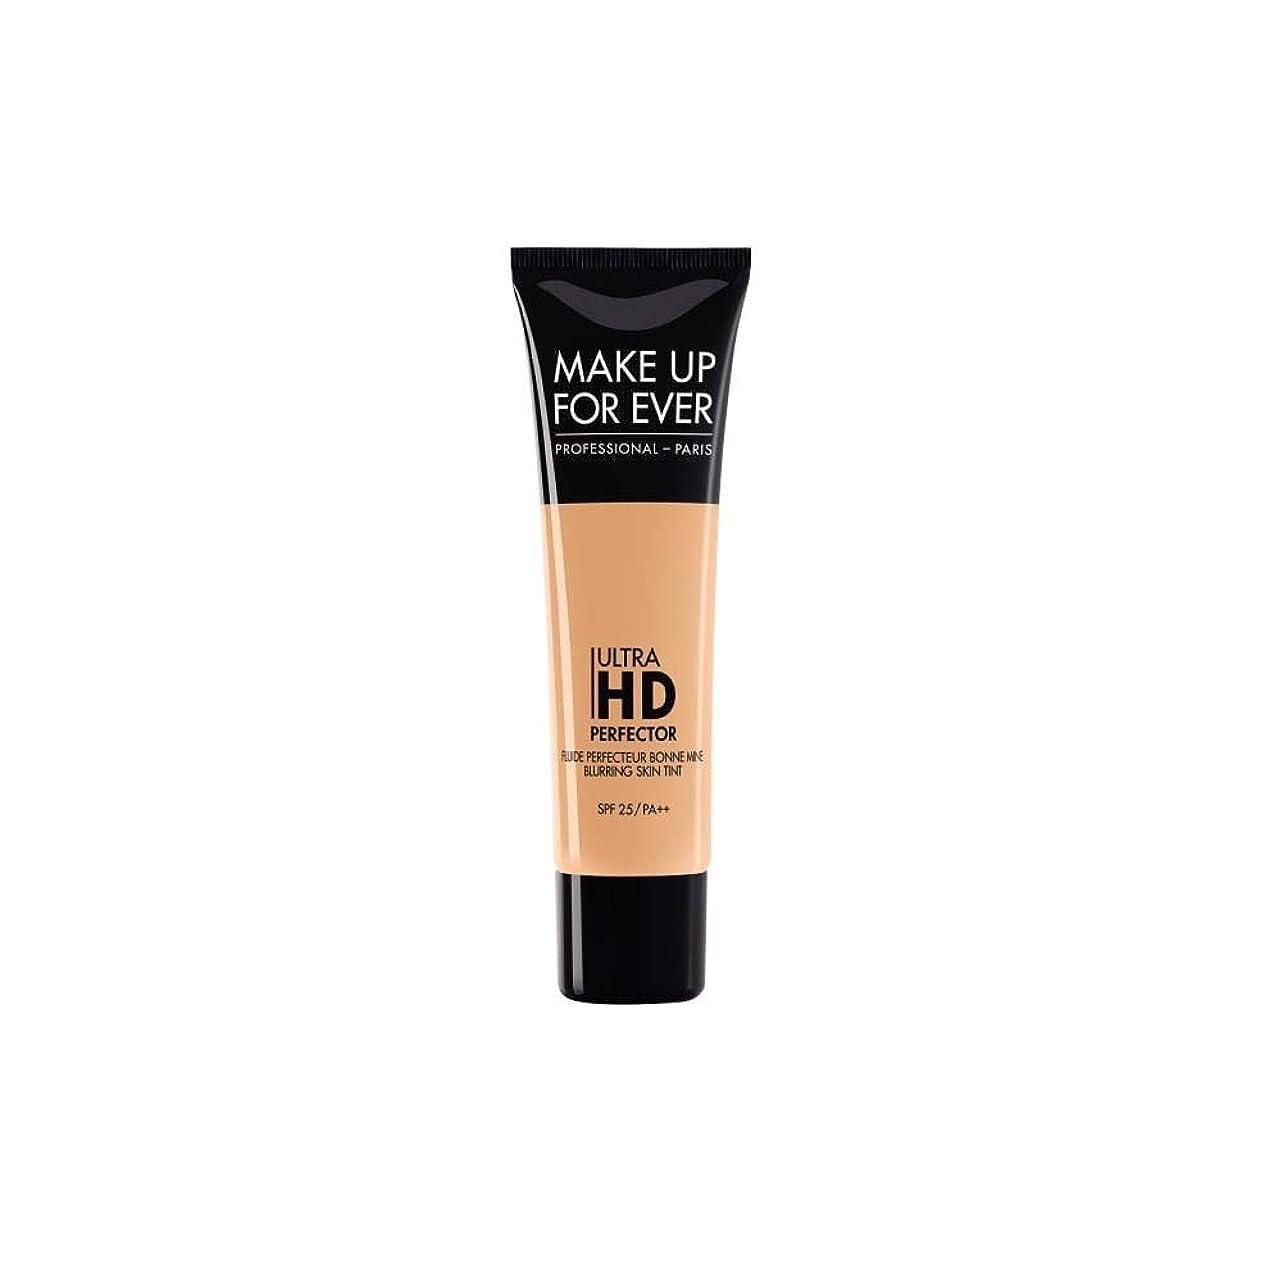 そうでなければバーうるさいメイクアップフォーエバー Ultra HD Perfector Blurring Skin Tint SPF25 - # 07 Golden Apricot 30ml/1.01oz並行輸入品